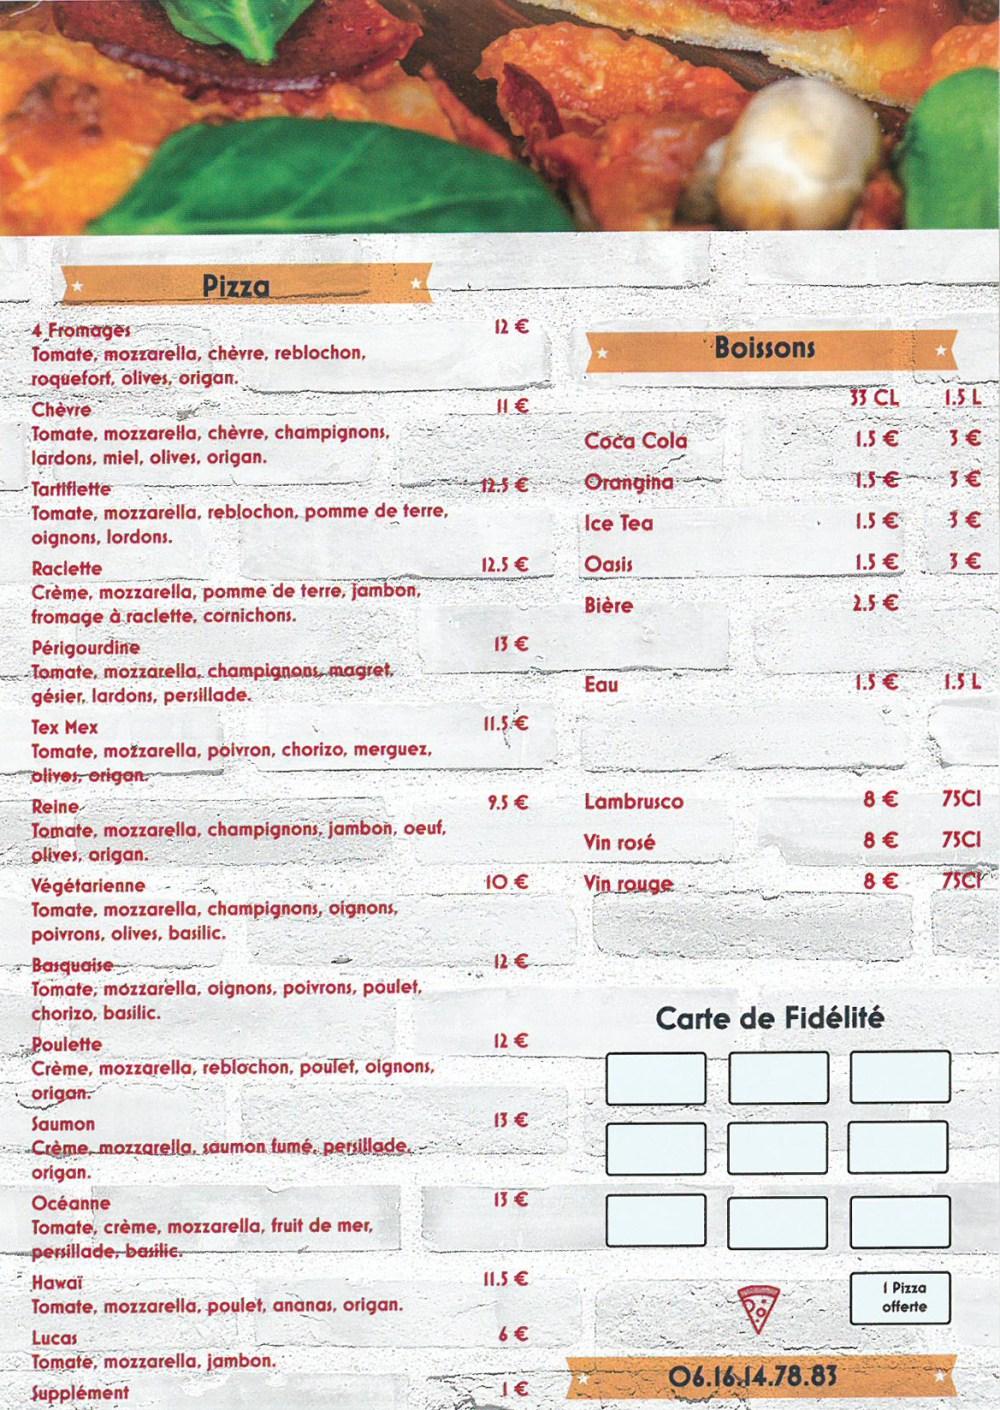 Pizza Verso